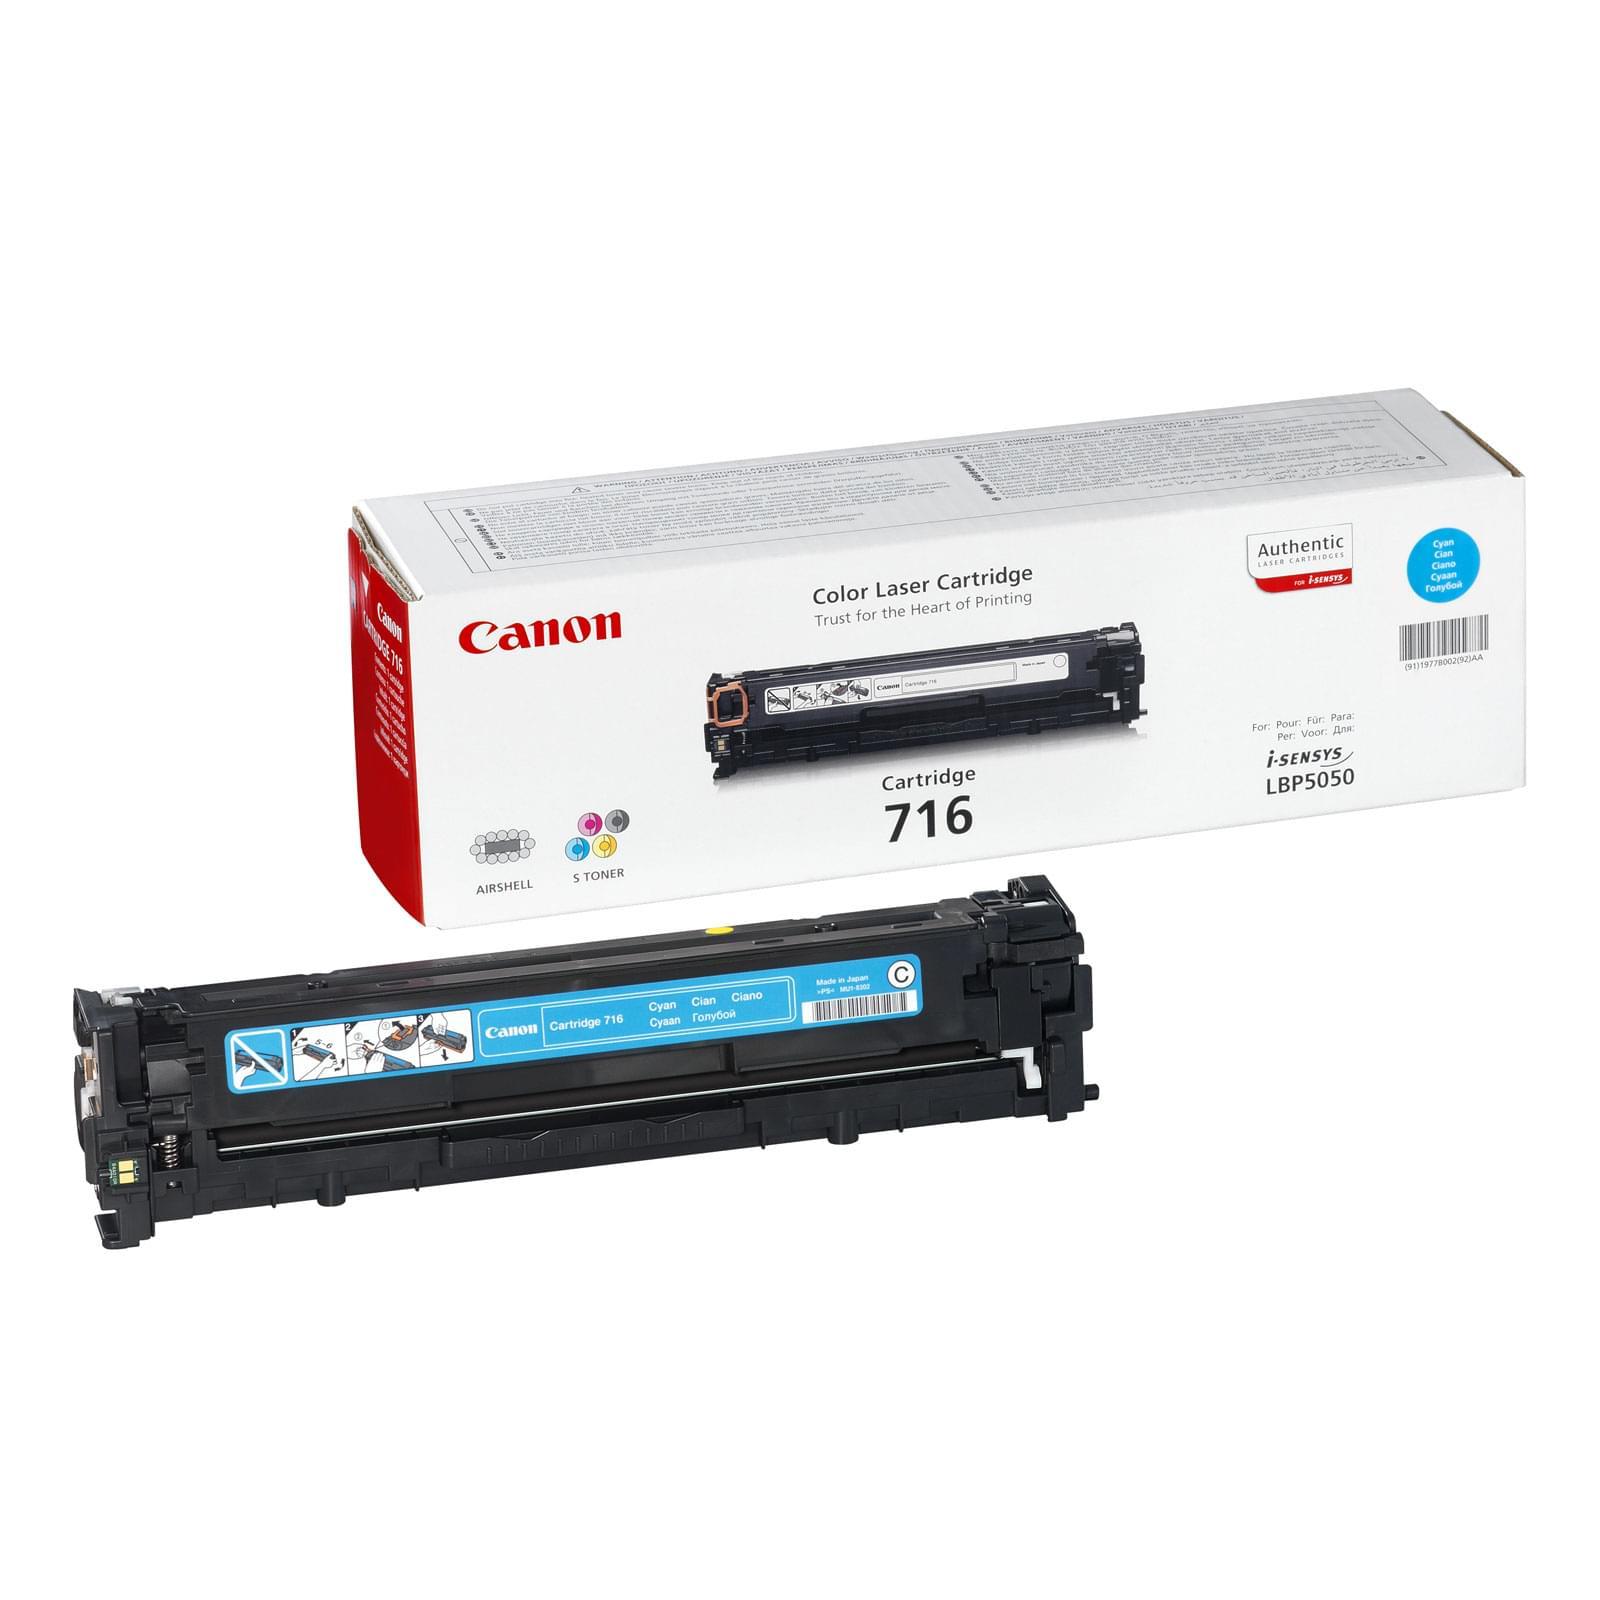 Toner CRG 716 Cyan - 1979B002 pour imprimante Laser Canon - 0